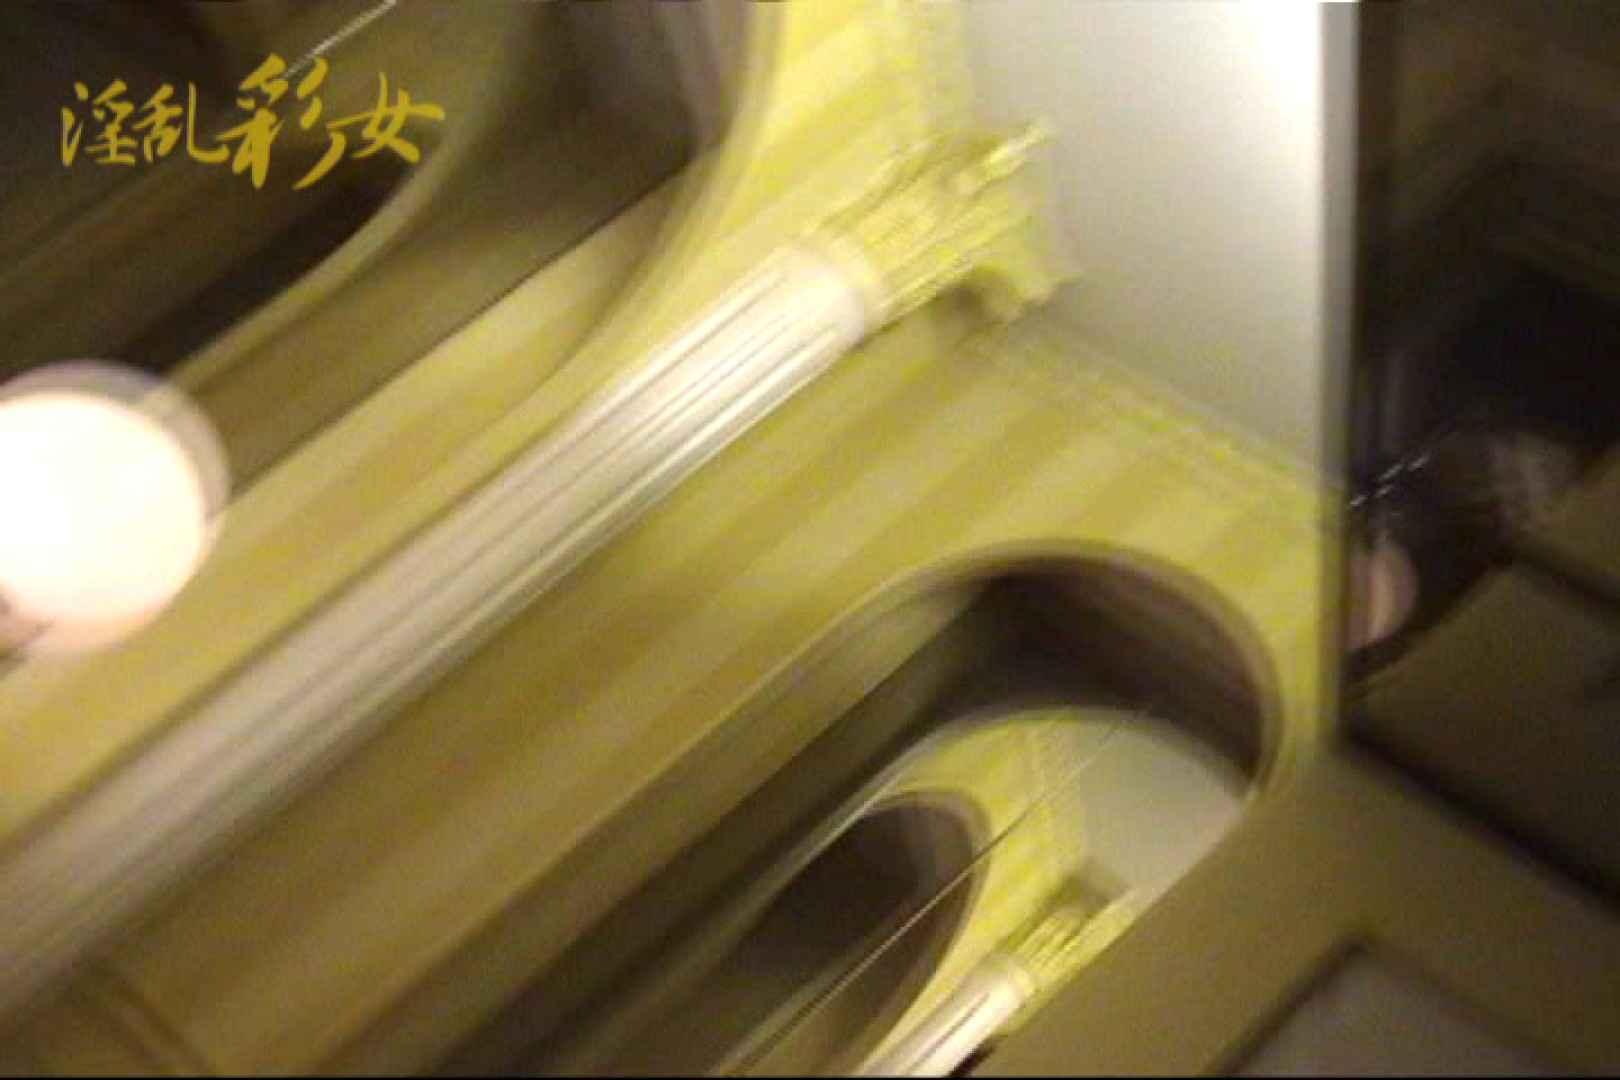 淫乱彩女 麻優里 貸出しの後で 中出し ヌード画像 98pic 33